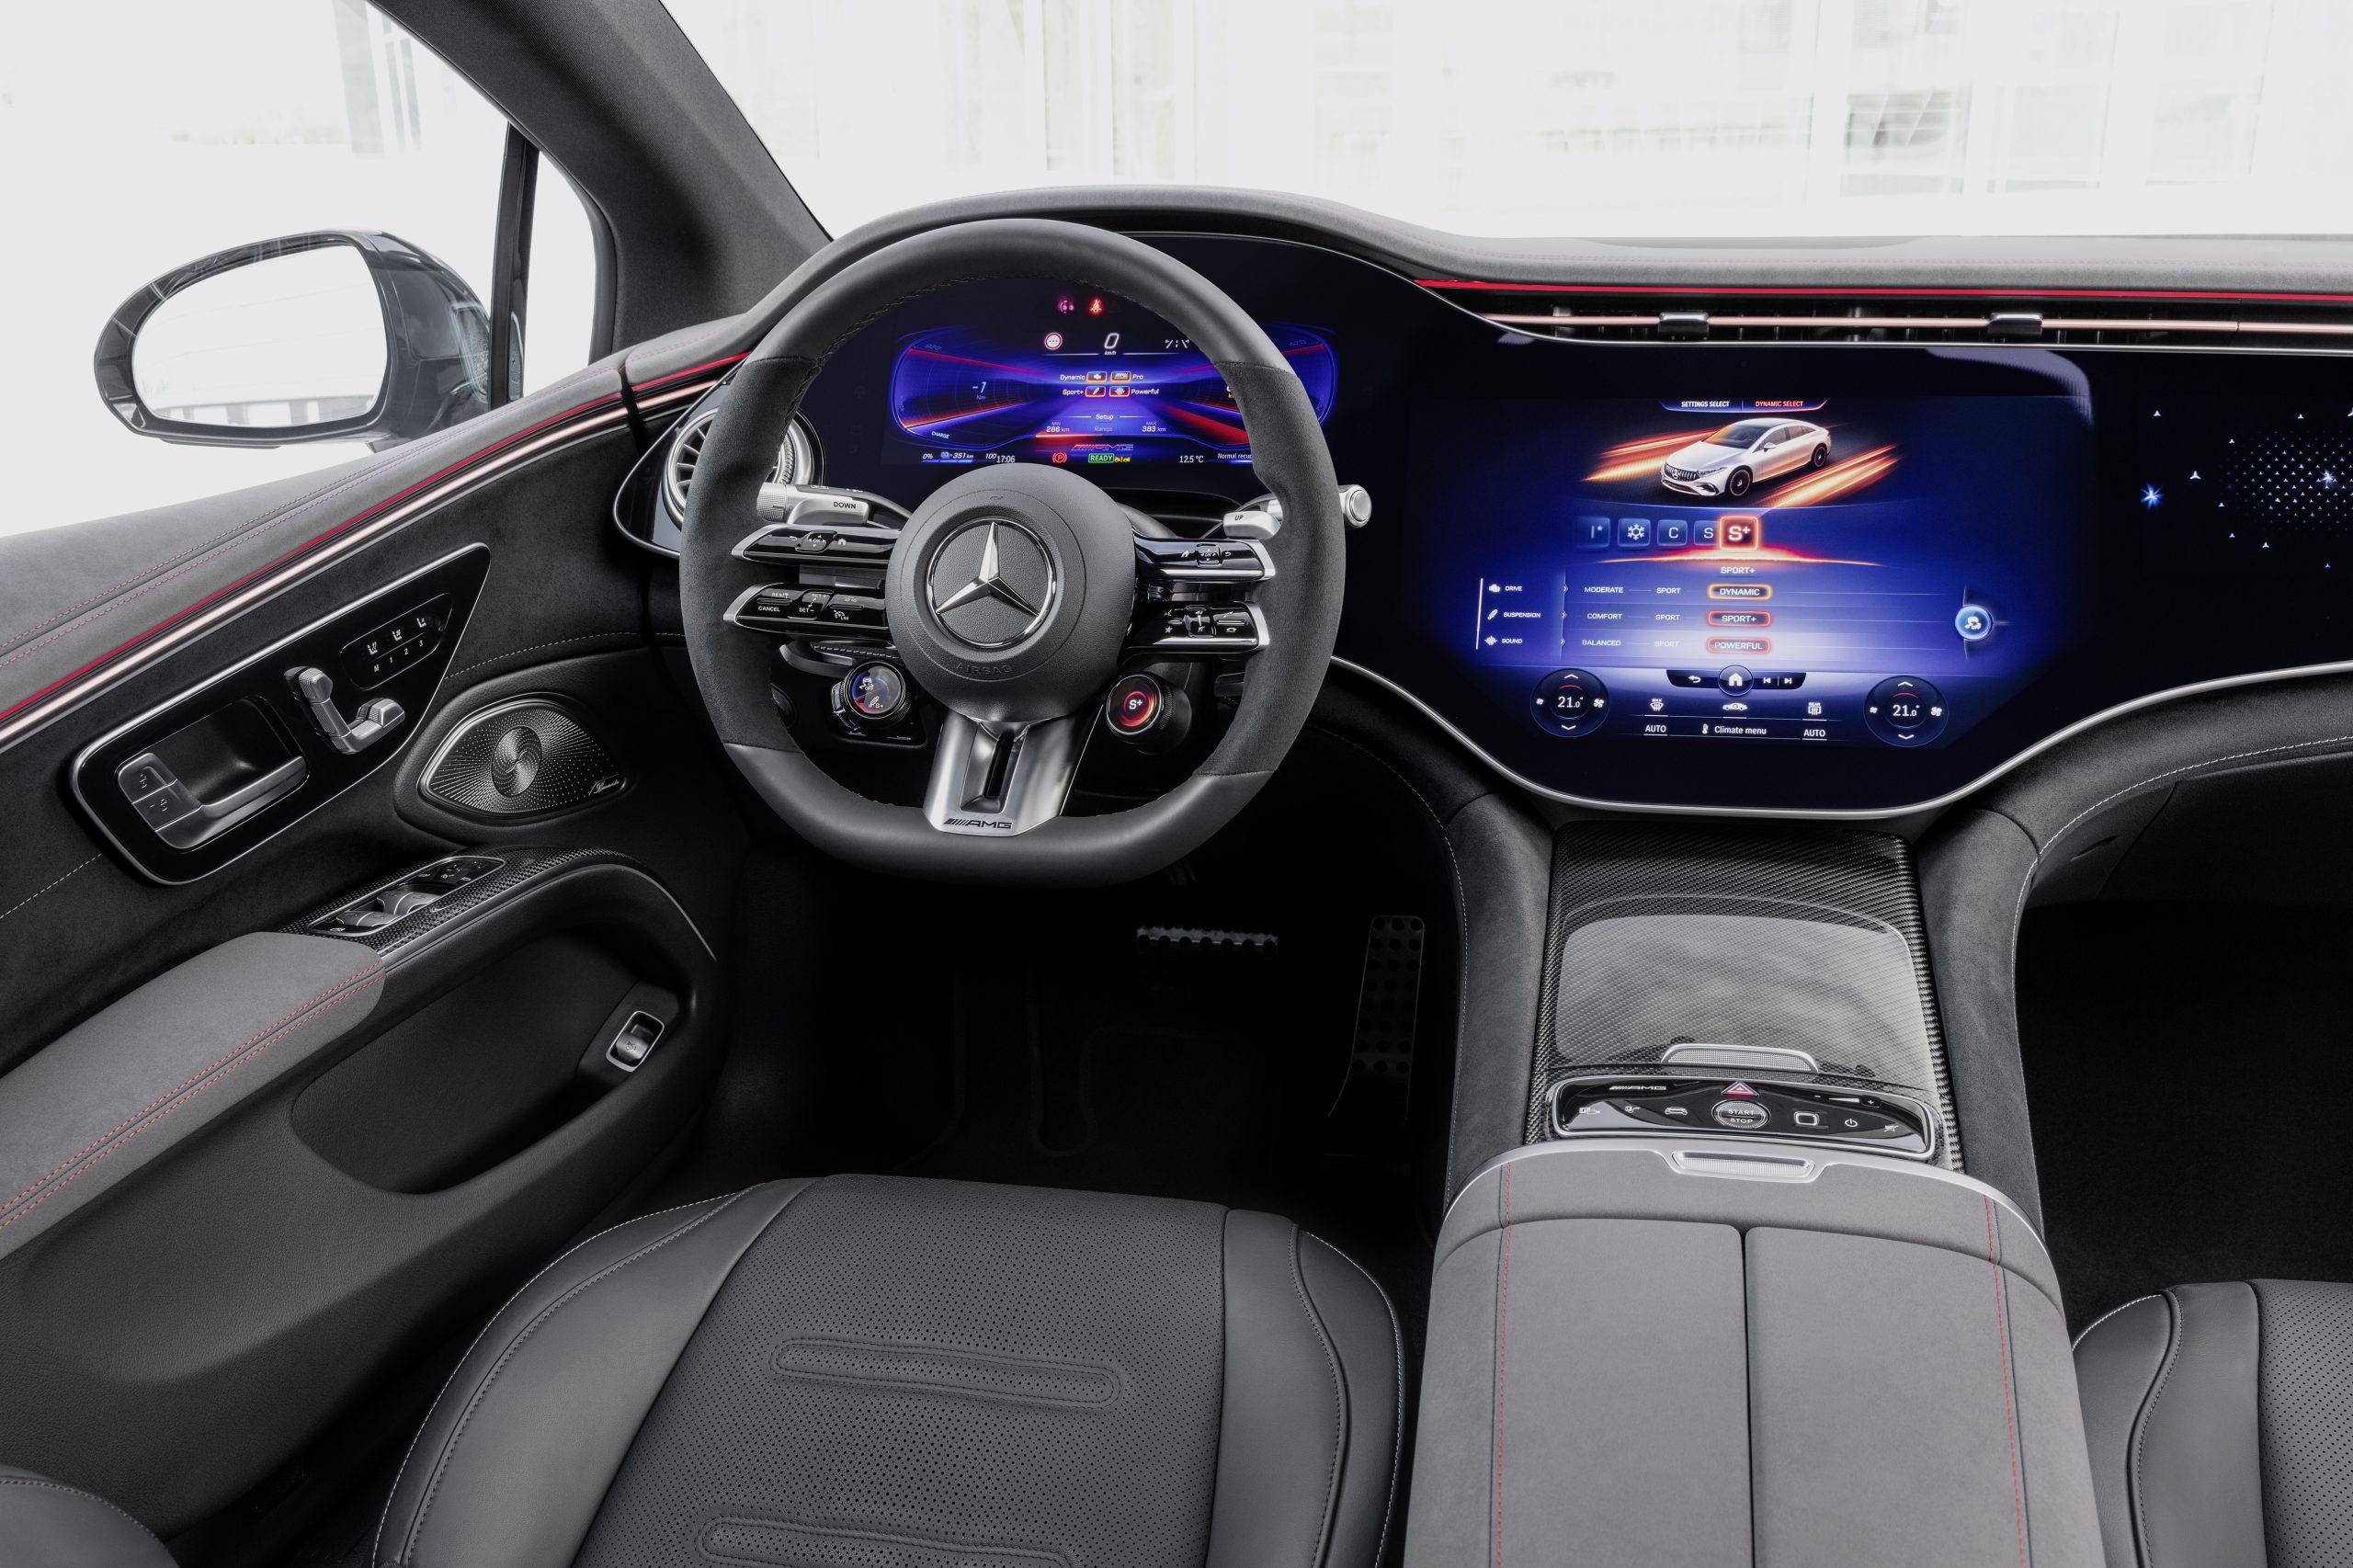 2021 Mercedes-AMG EQS 53 interior driver cockpit